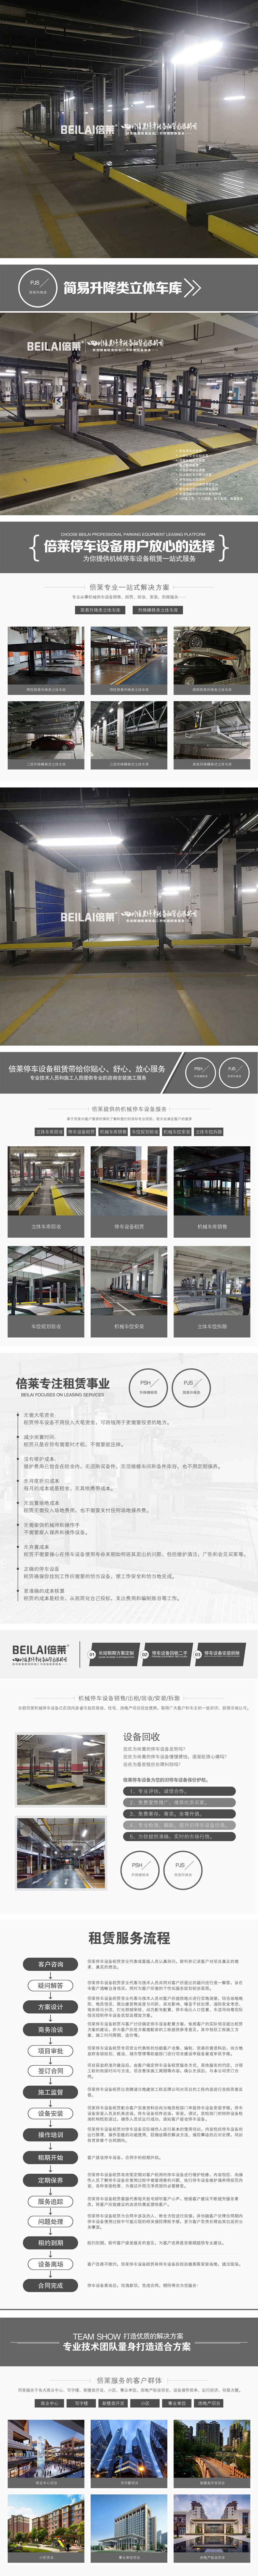 云南租賃立體車庫回收西雙版納家用立體車庫倍萊立體車庫公司